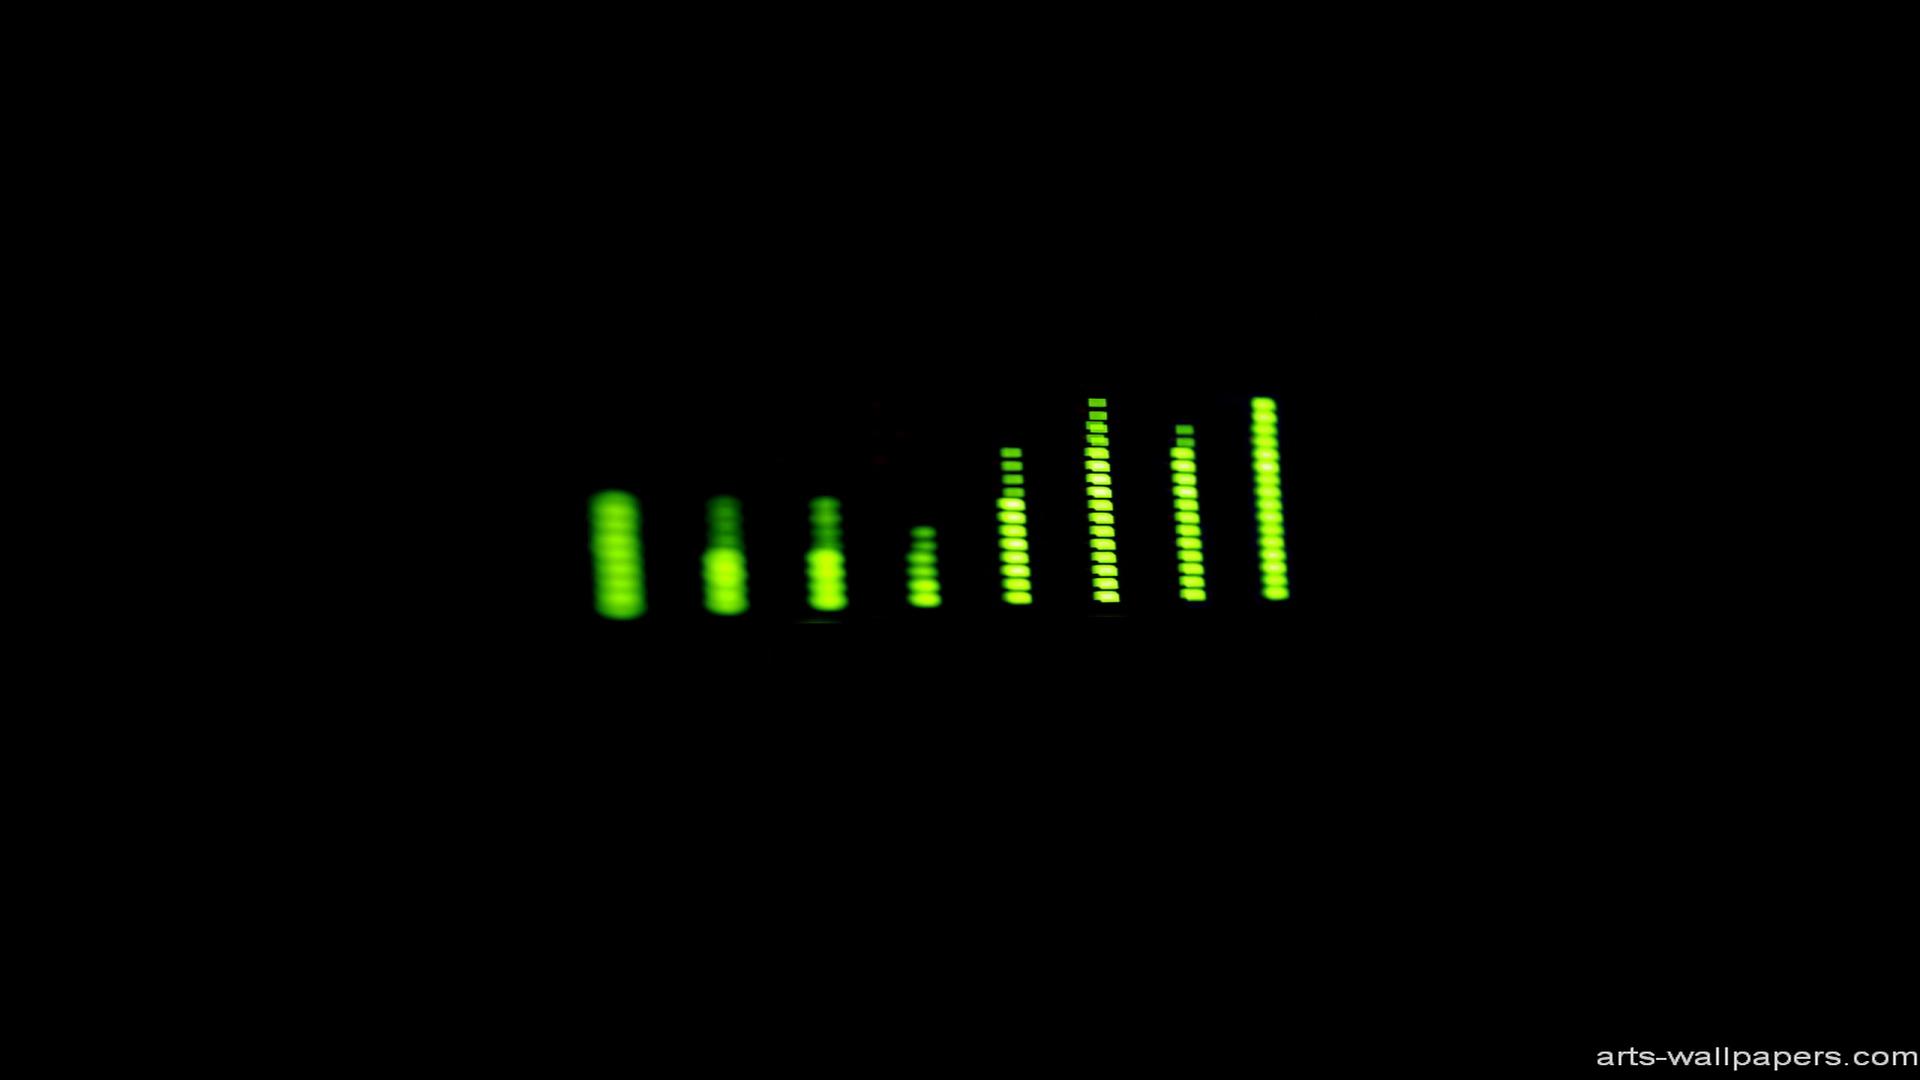 DJ Wallpaper HD 5 1920x1080